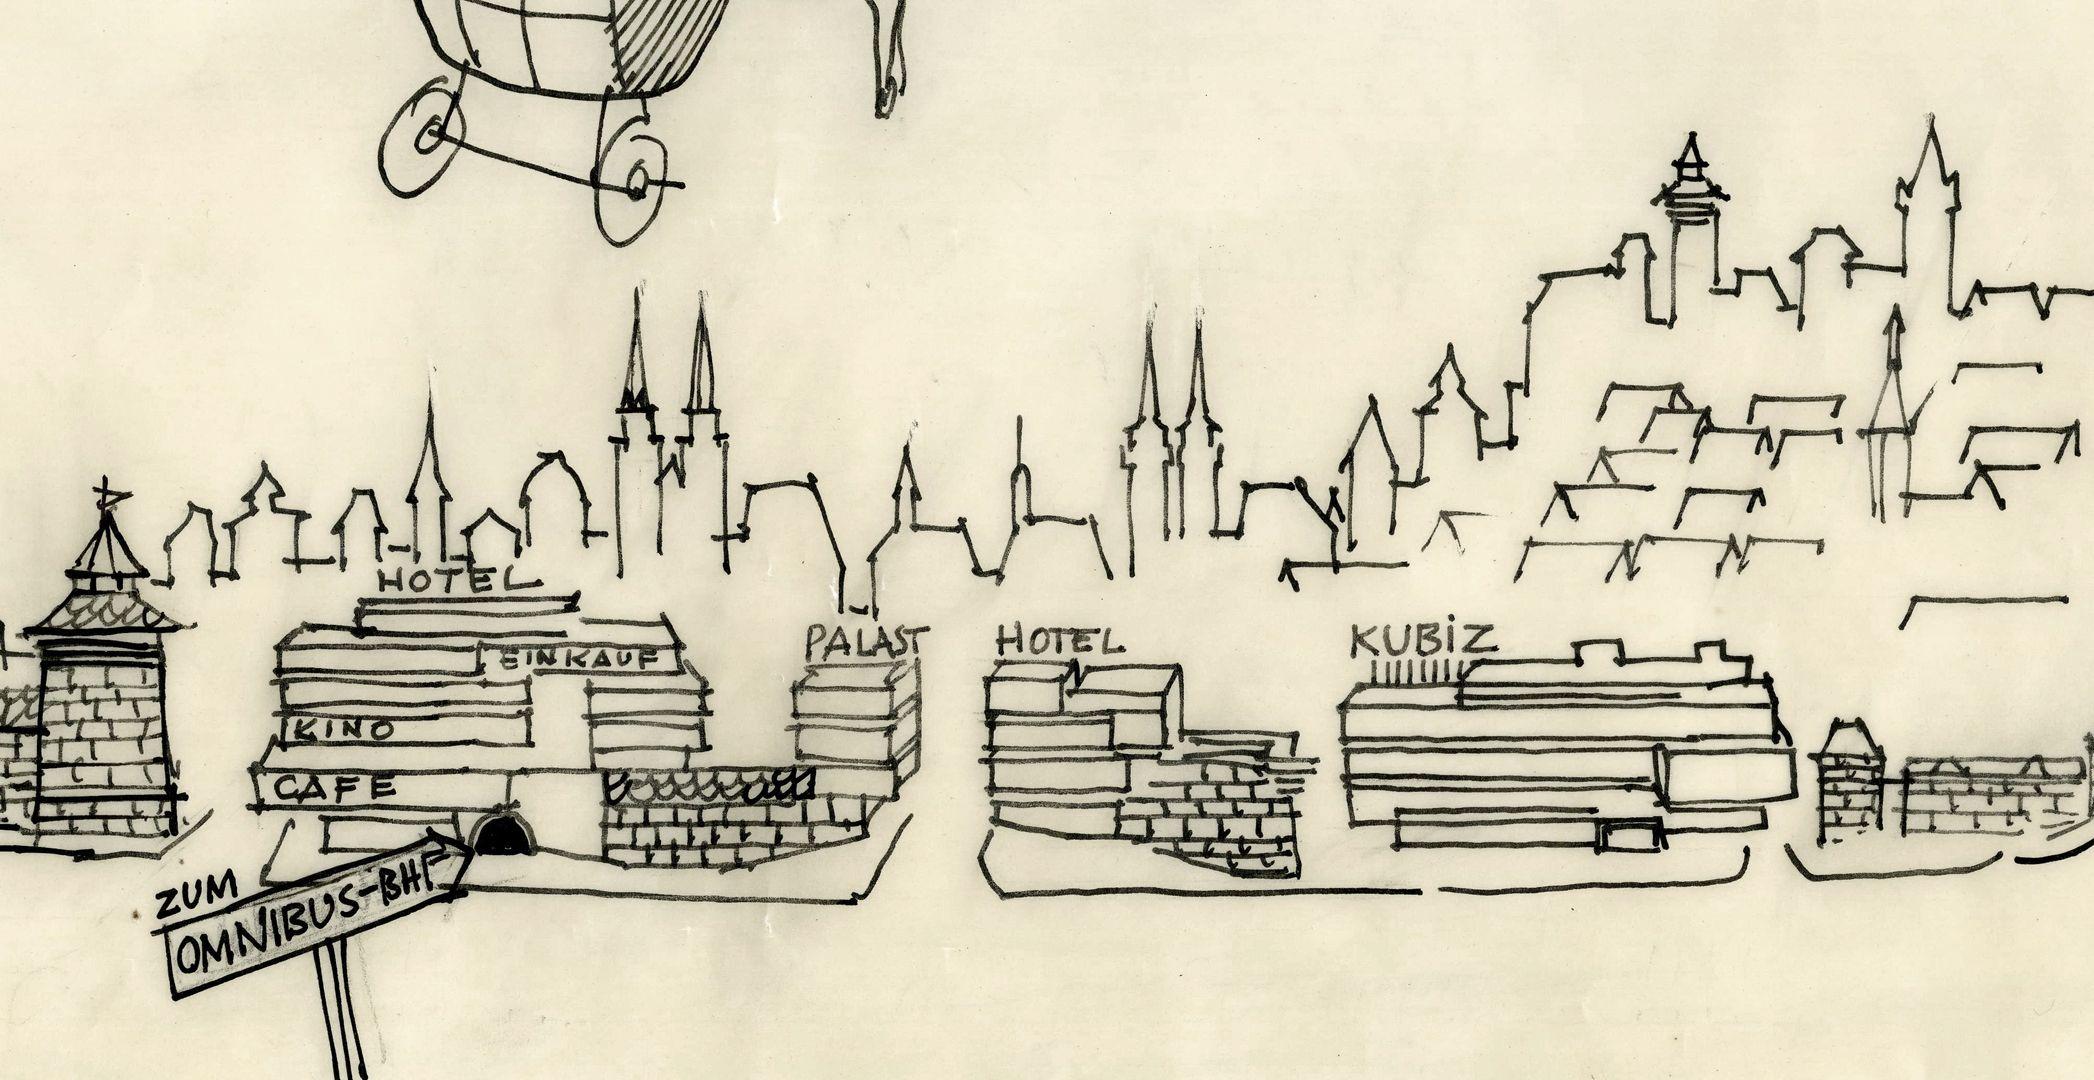 Großartig !!!?.......Alles auf die Stadtmauer !!!! ...... und den Landeplatz vergessen !! Bildausschnitt mit Neubauten auf der Altstadtmauer